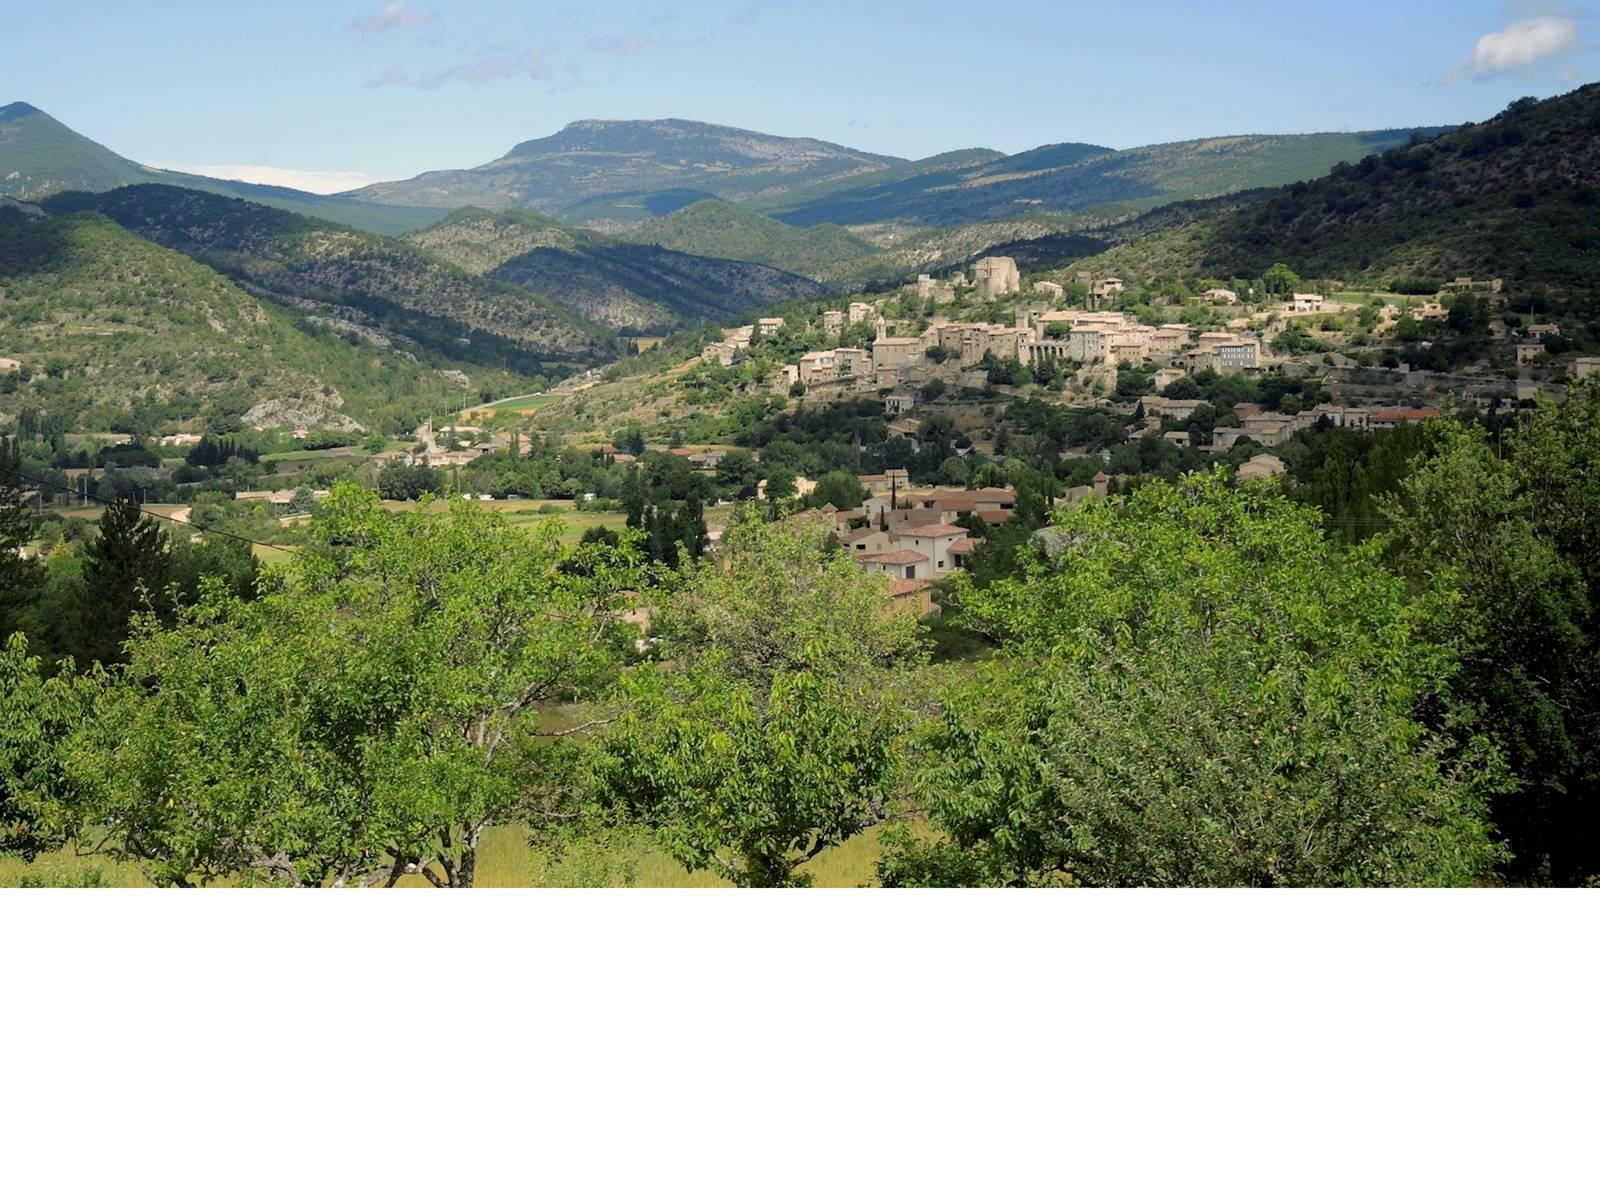 Vue panoramique de la maison sur le village de Montbrun les bains